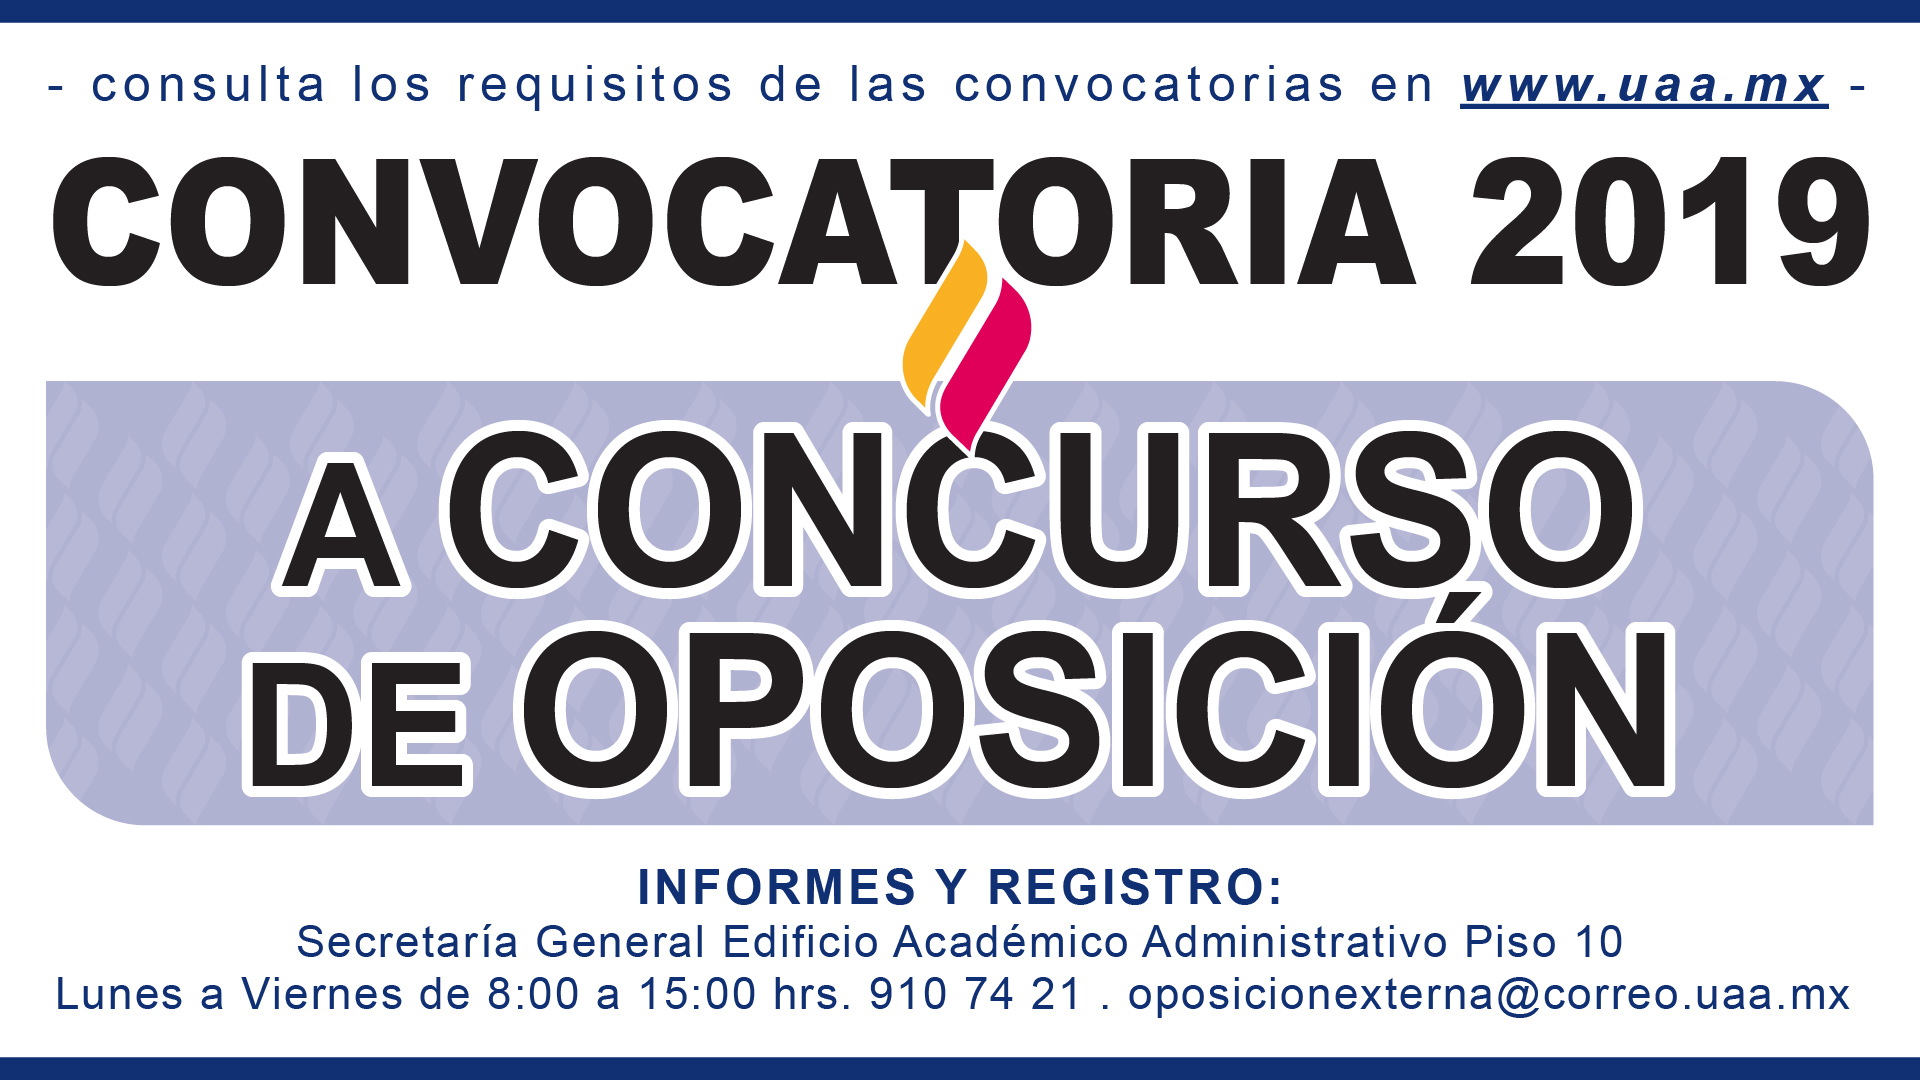 CONVOCATORIA 2019 A CONCURSO DE OPOSICIÓN